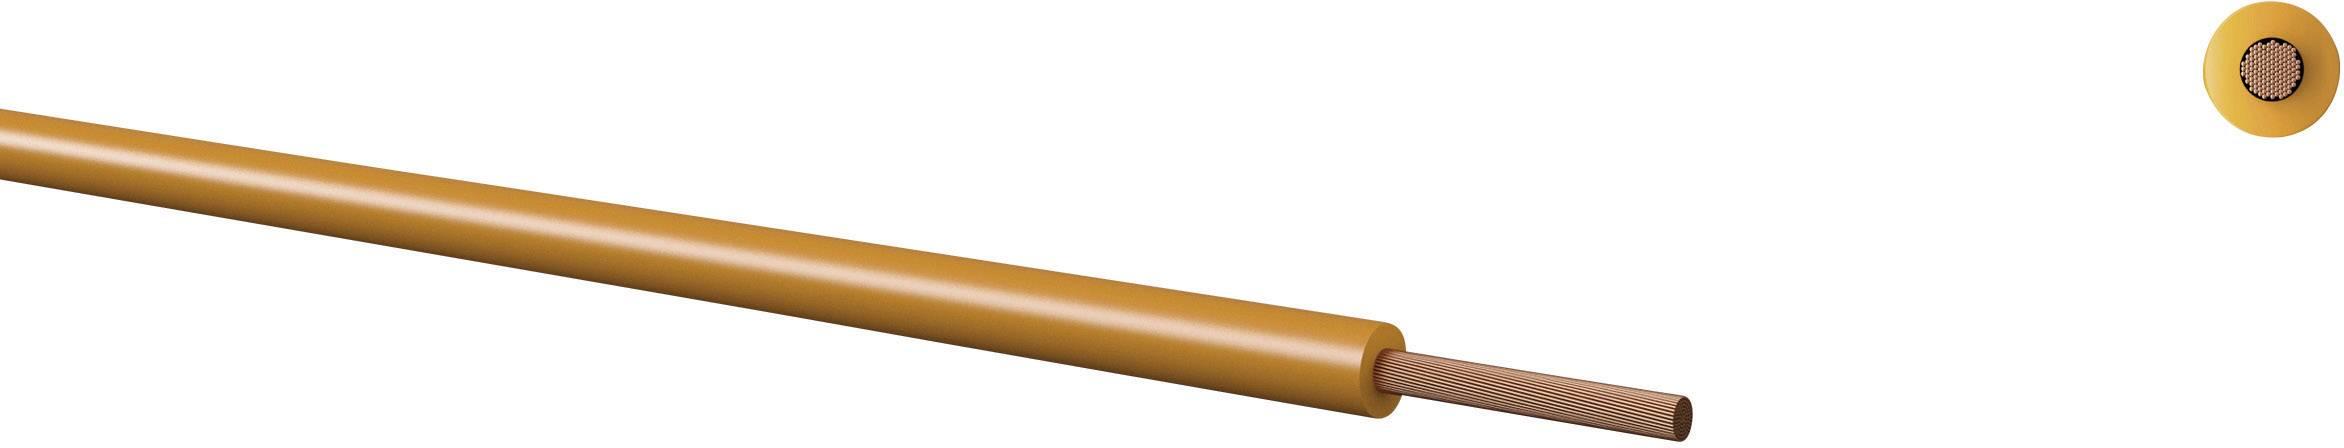 Opletenie / lanko Kabeltronik 160110001 LiFY, 1 x 1 mm², vonkajší Ø 2.50 mm, metrový tovar, biela